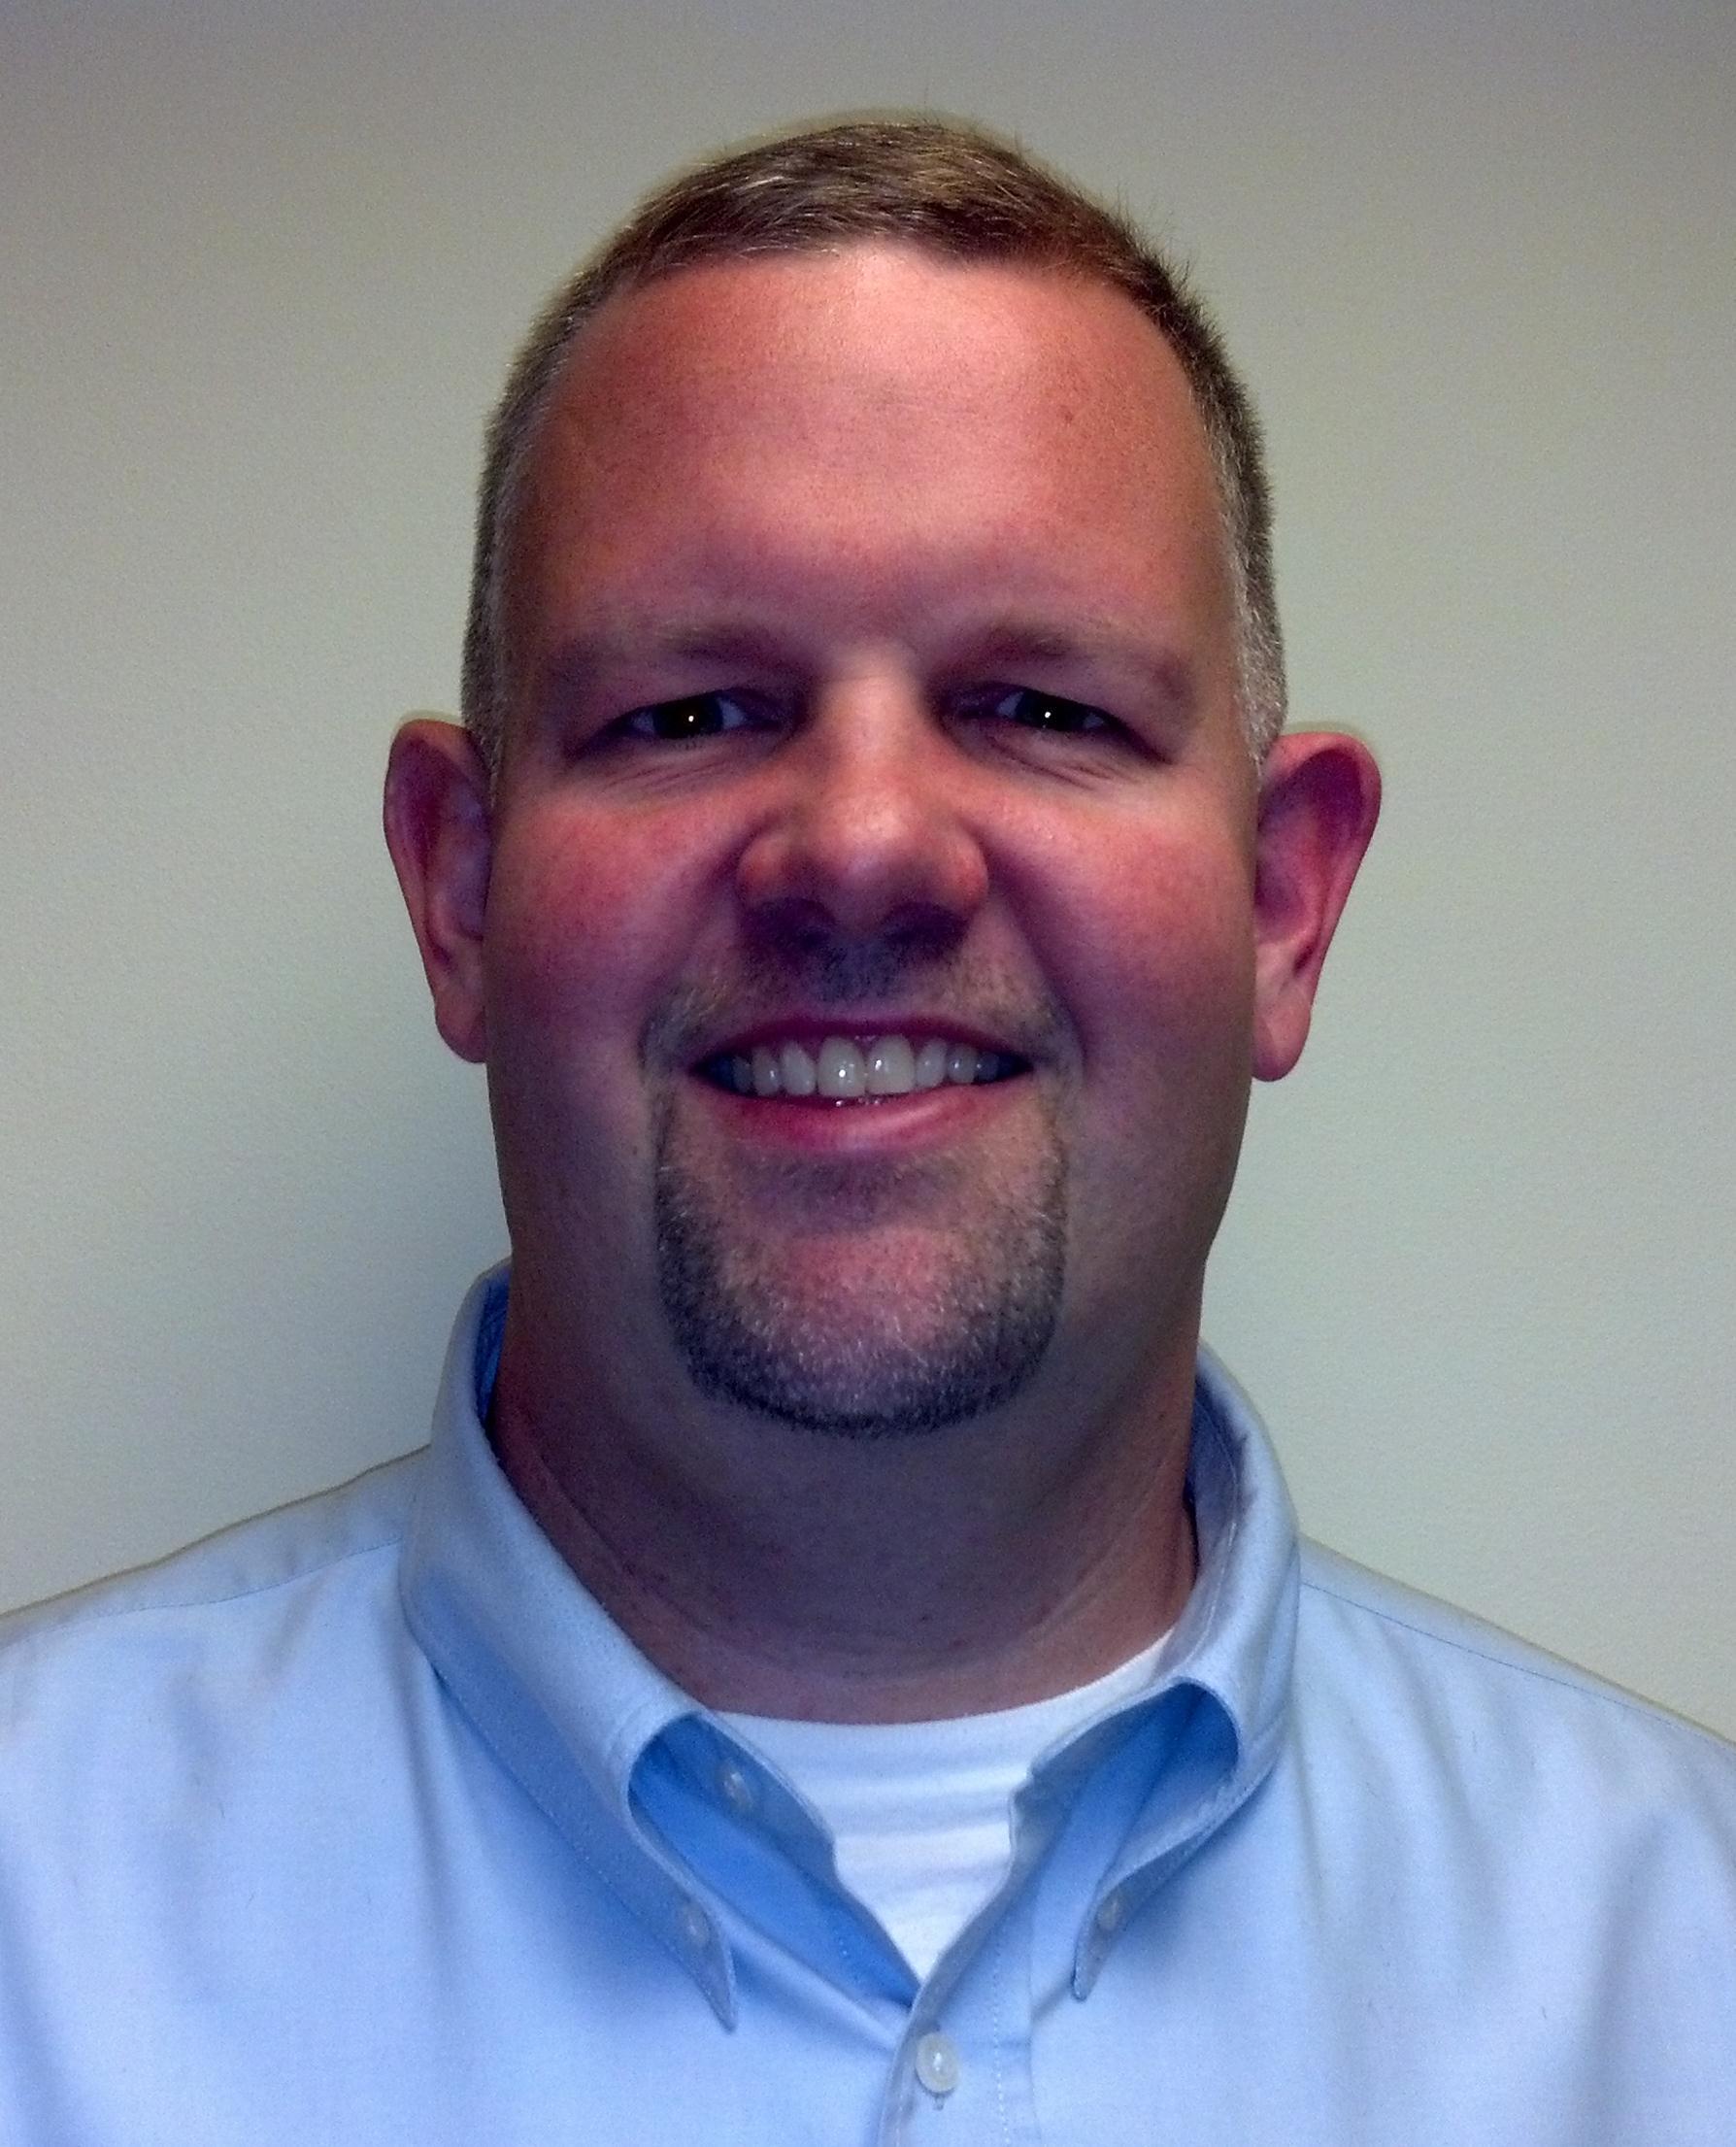 Tom Reardon, Executive Director